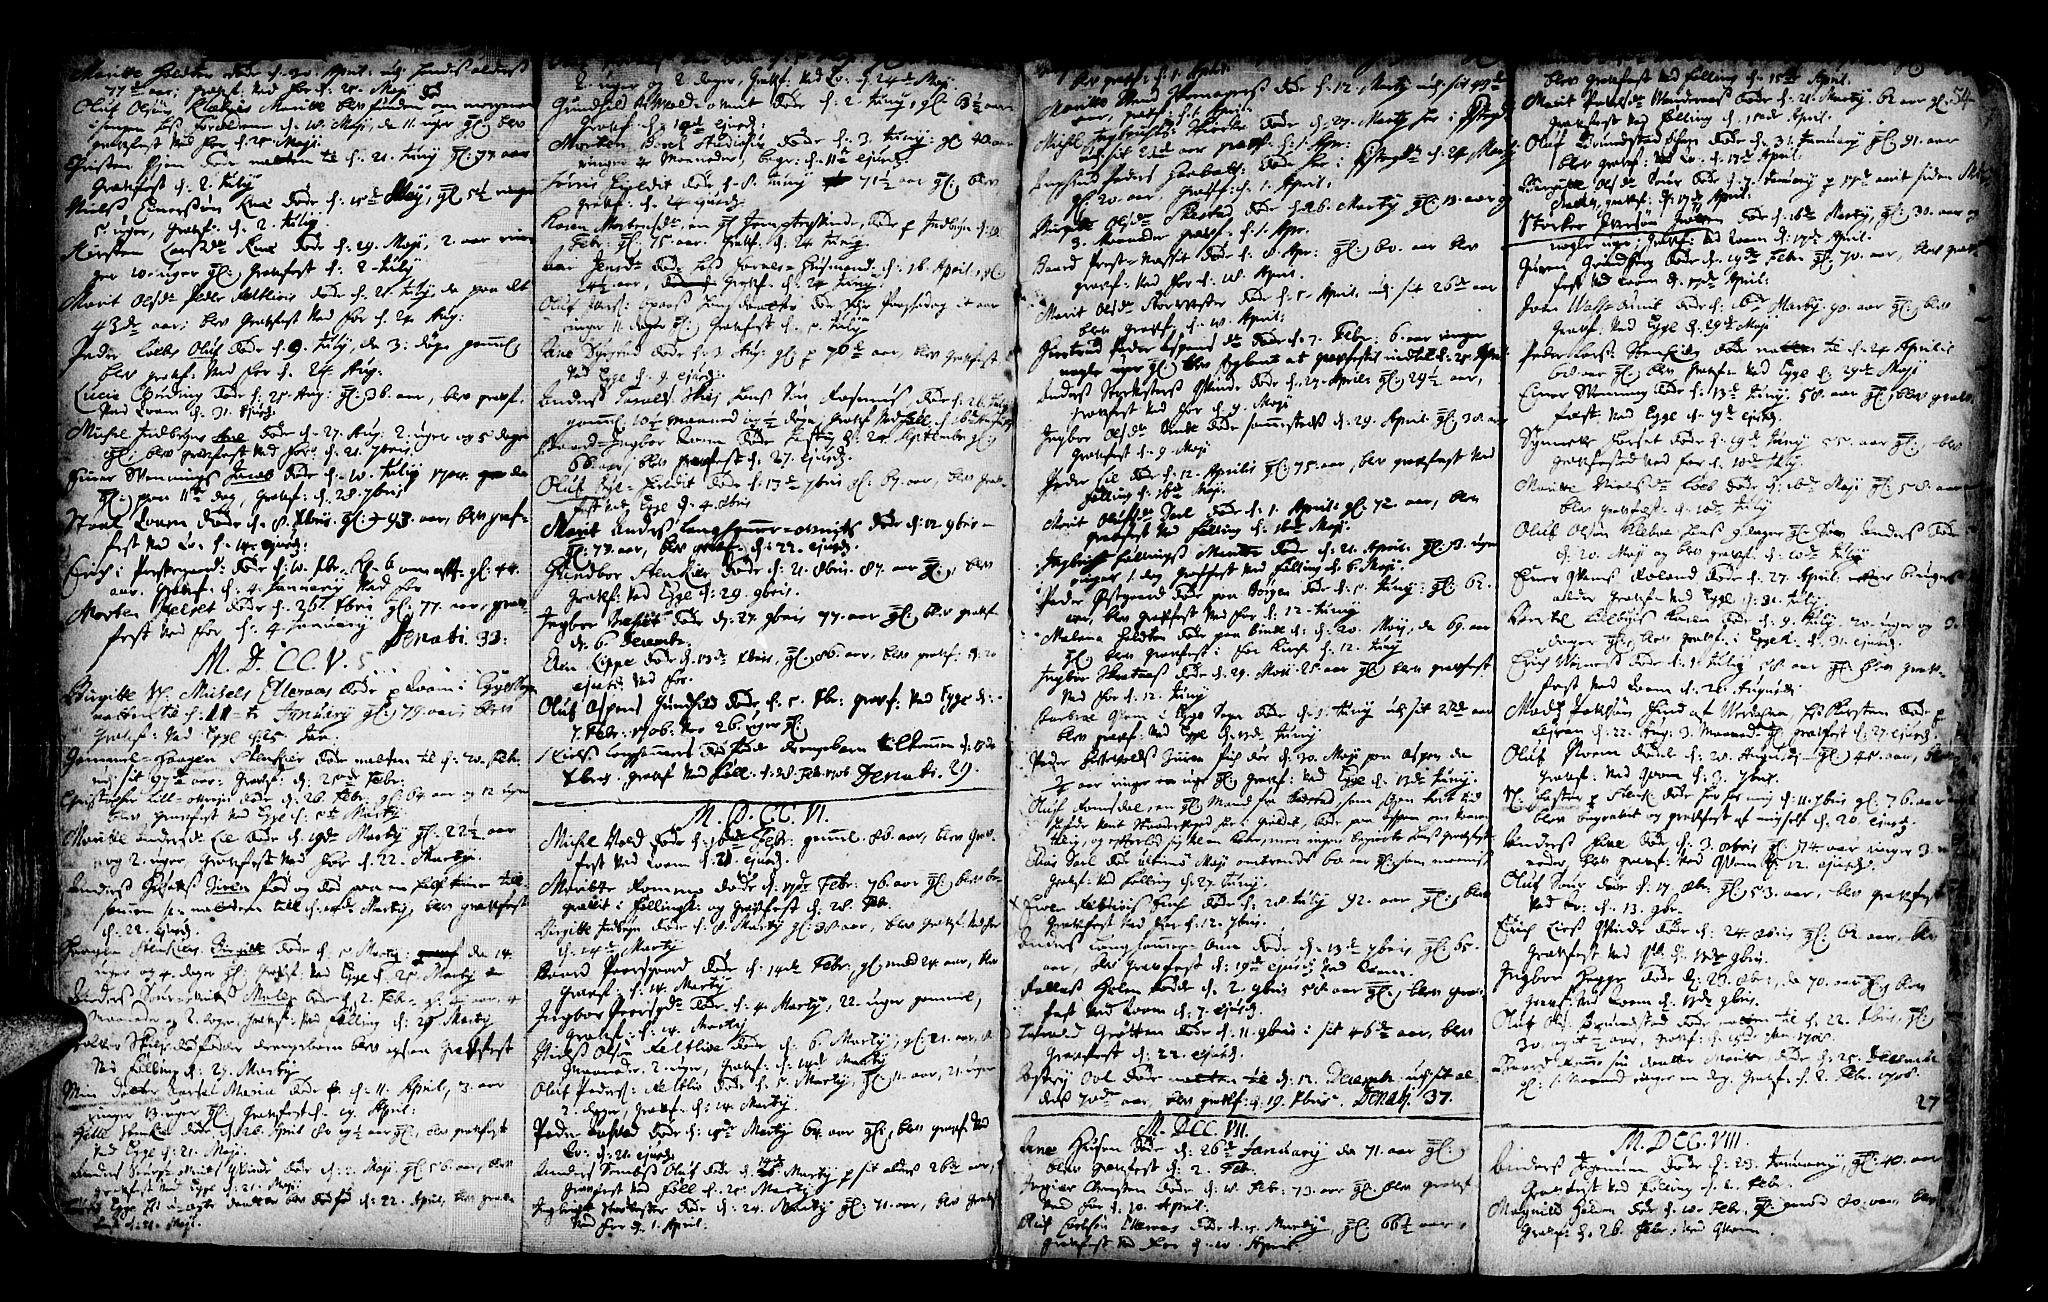 SAT, Ministerialprotokoller, klokkerbøker og fødselsregistre - Nord-Trøndelag, 746/L0439: Ministerialbok nr. 746A01, 1688-1759, s. 54